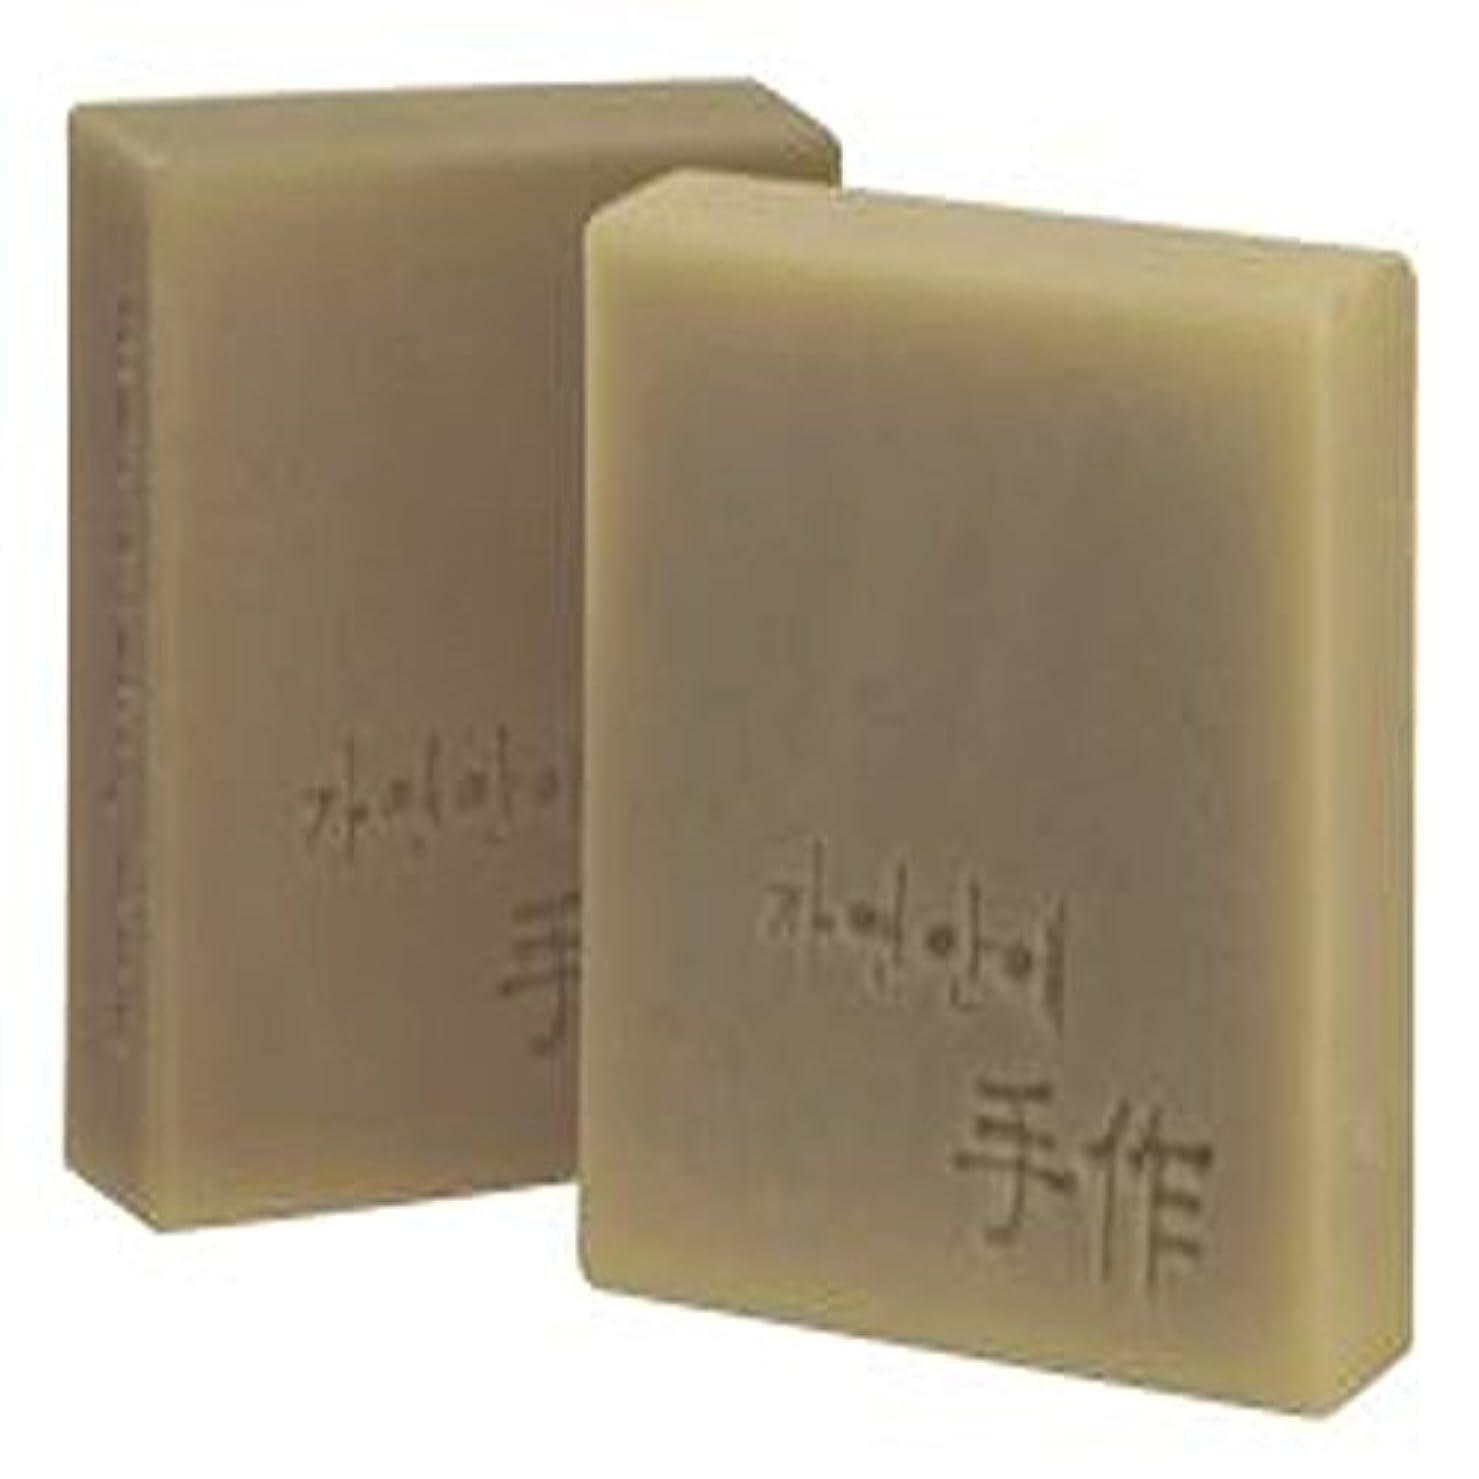 お金ゴム使い込むスロープNatural organic 有機天然ソープ 固形 無添加 洗顔せっけんクレンジング [並行輸入品] (何首烏)